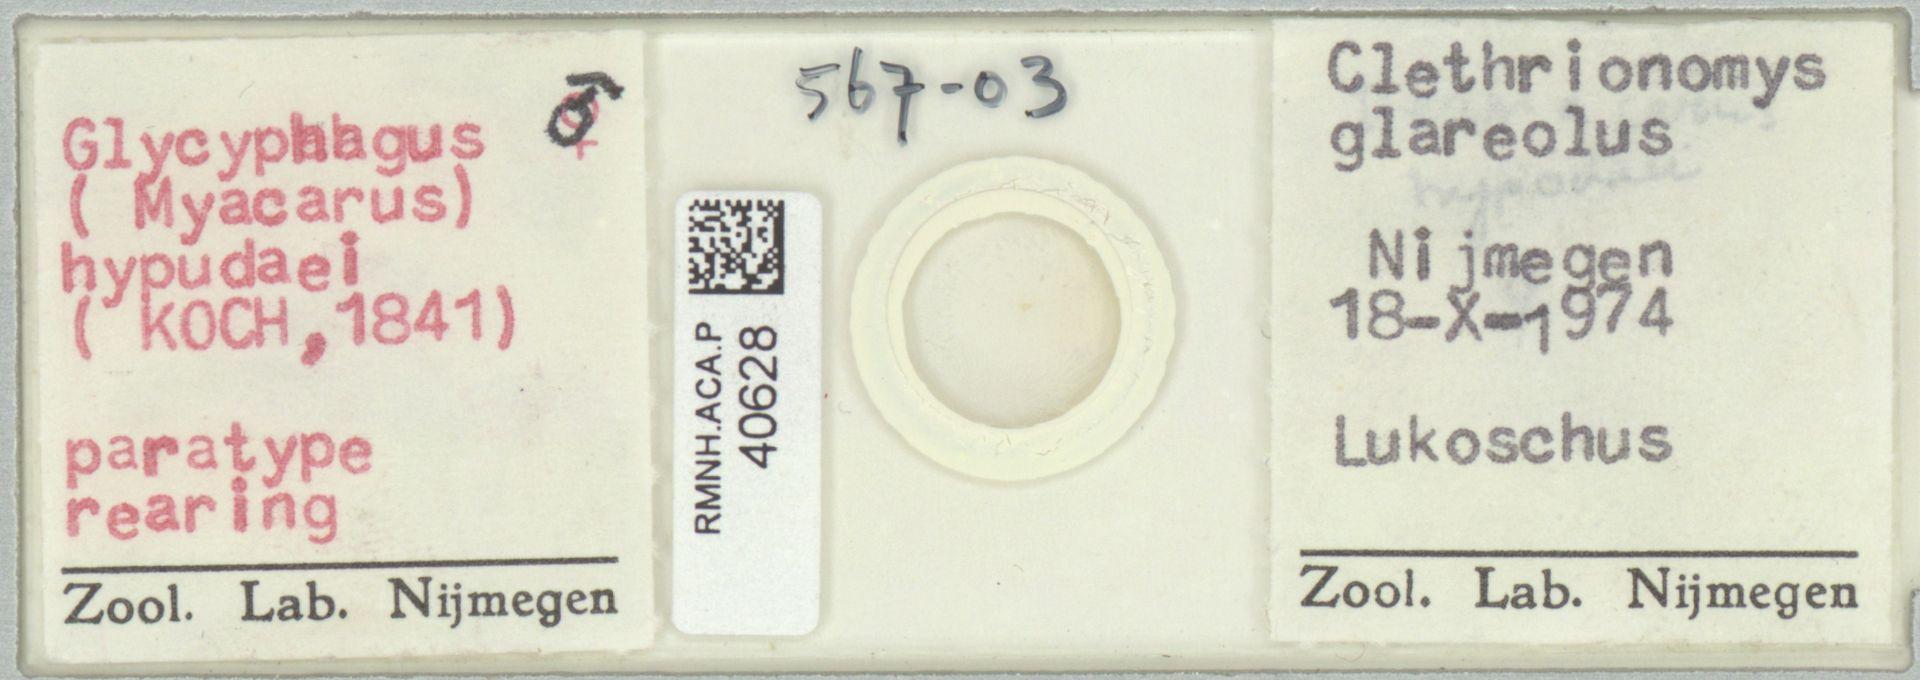 RMNH.ACA.P.40628 | Glycyphagus (Myacarus) hypudaei (Koch, 1841)